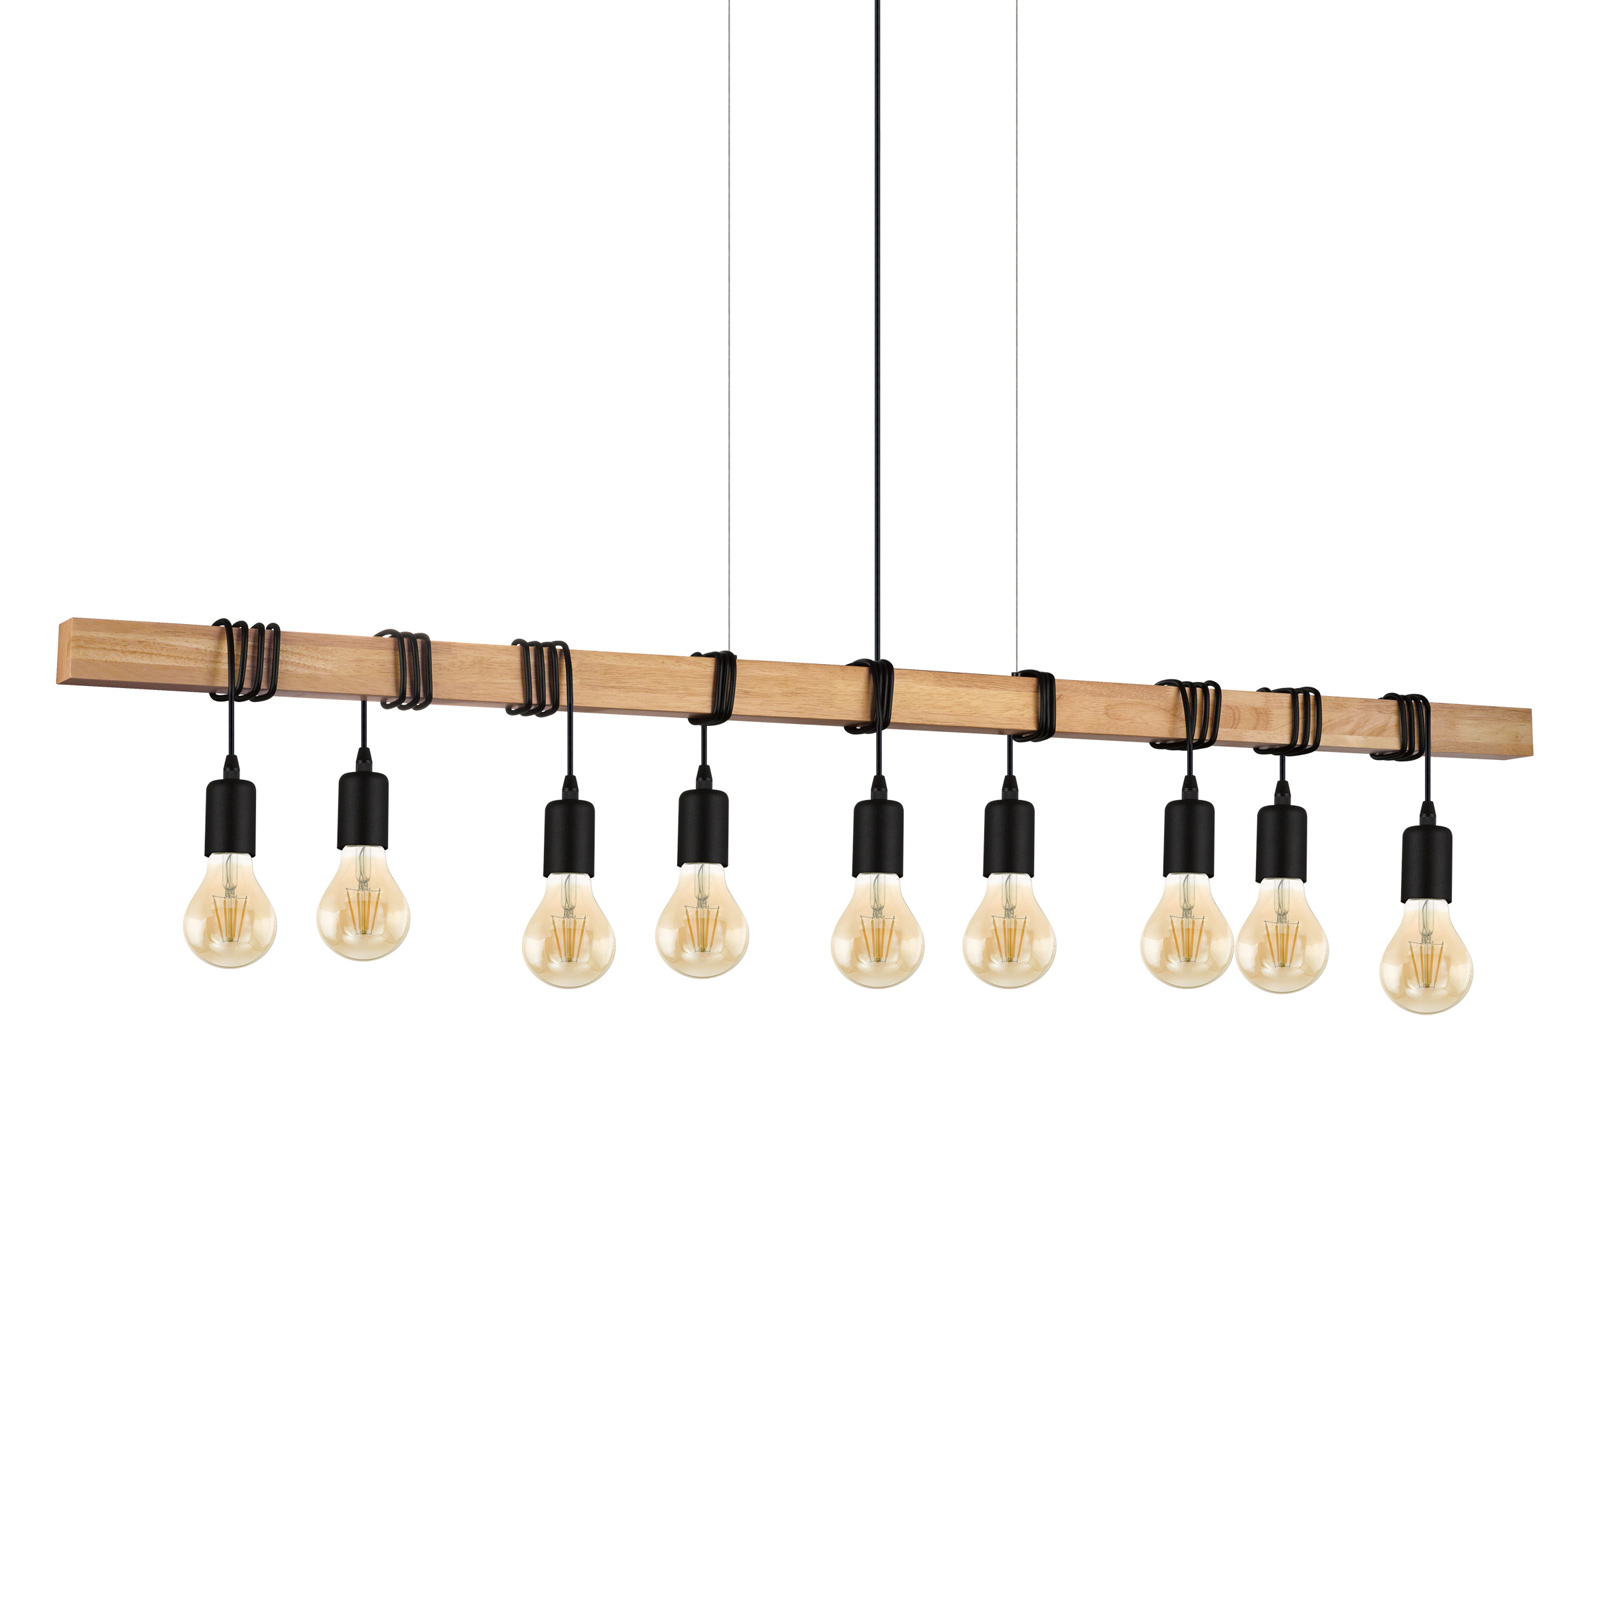 Lámpara colgante Townshend con madera, 9 luces